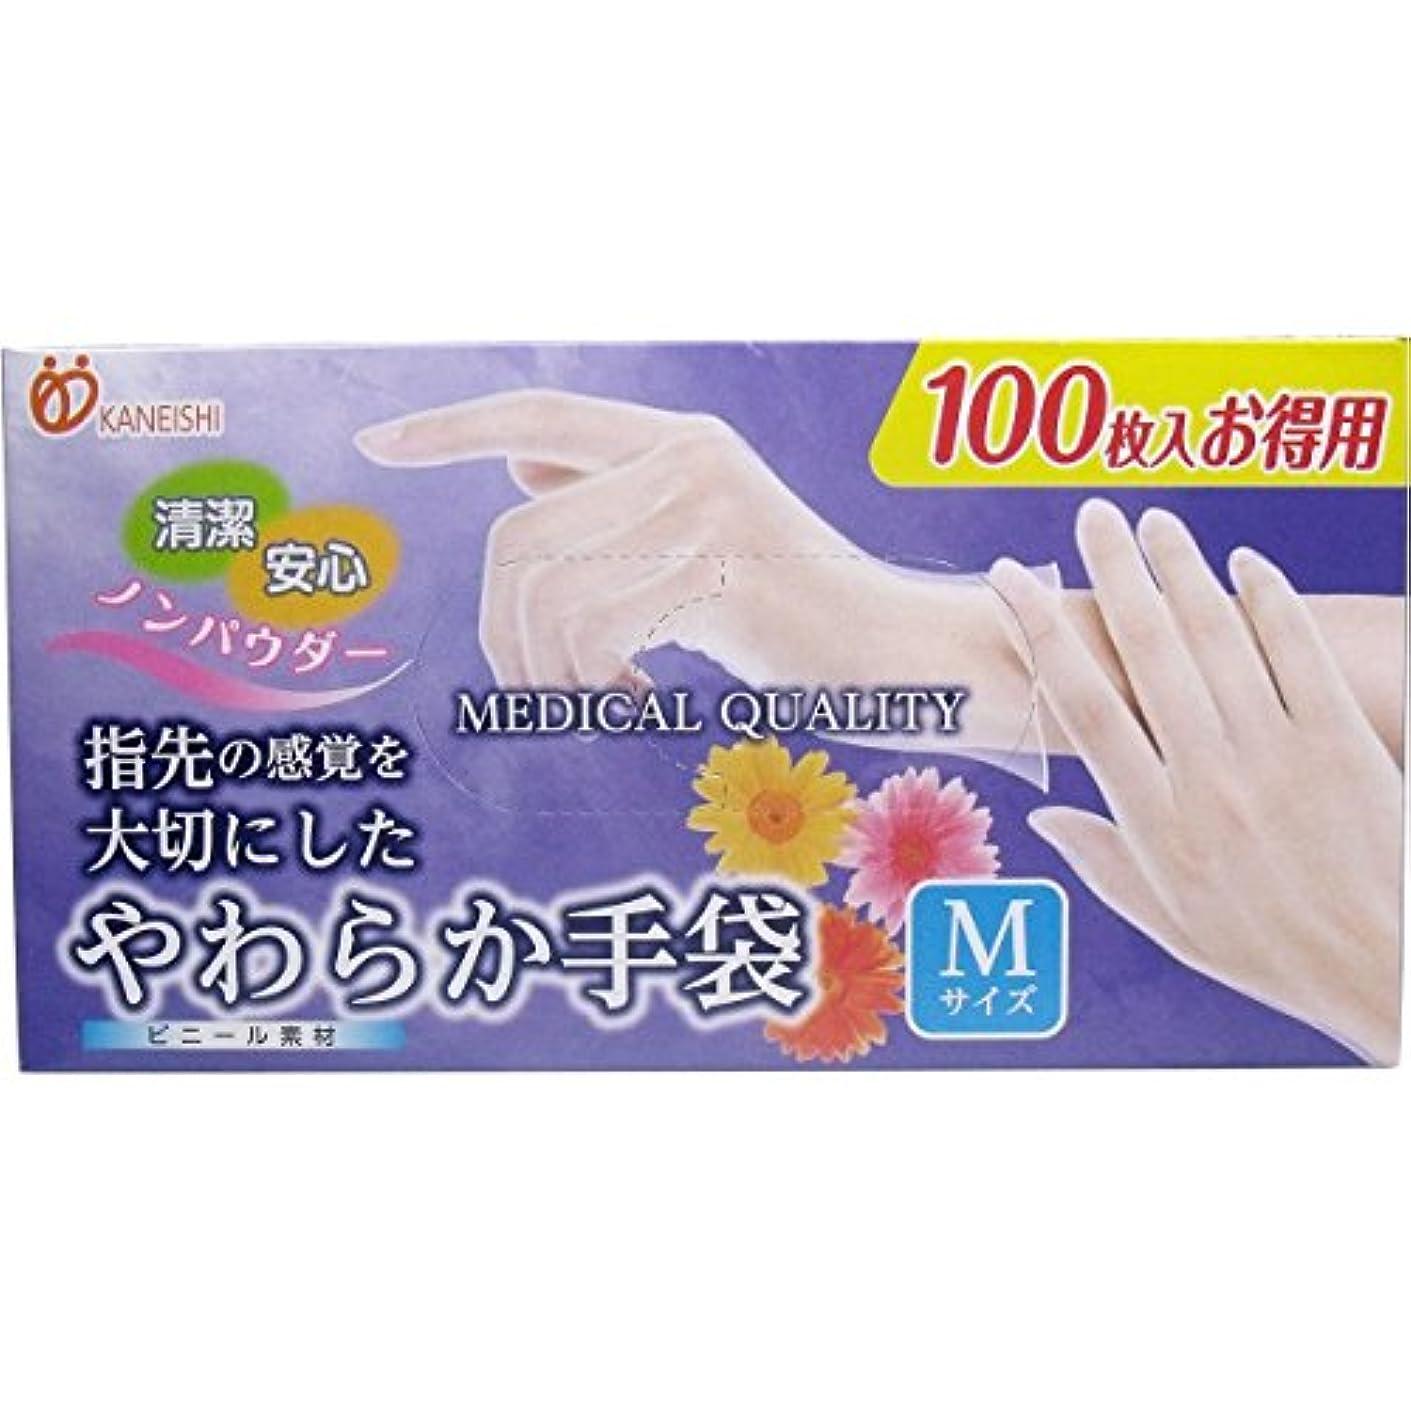 ブースあえぎフィットネスやわらか手袋 ビニール素材 Mサイズ 100枚入x4